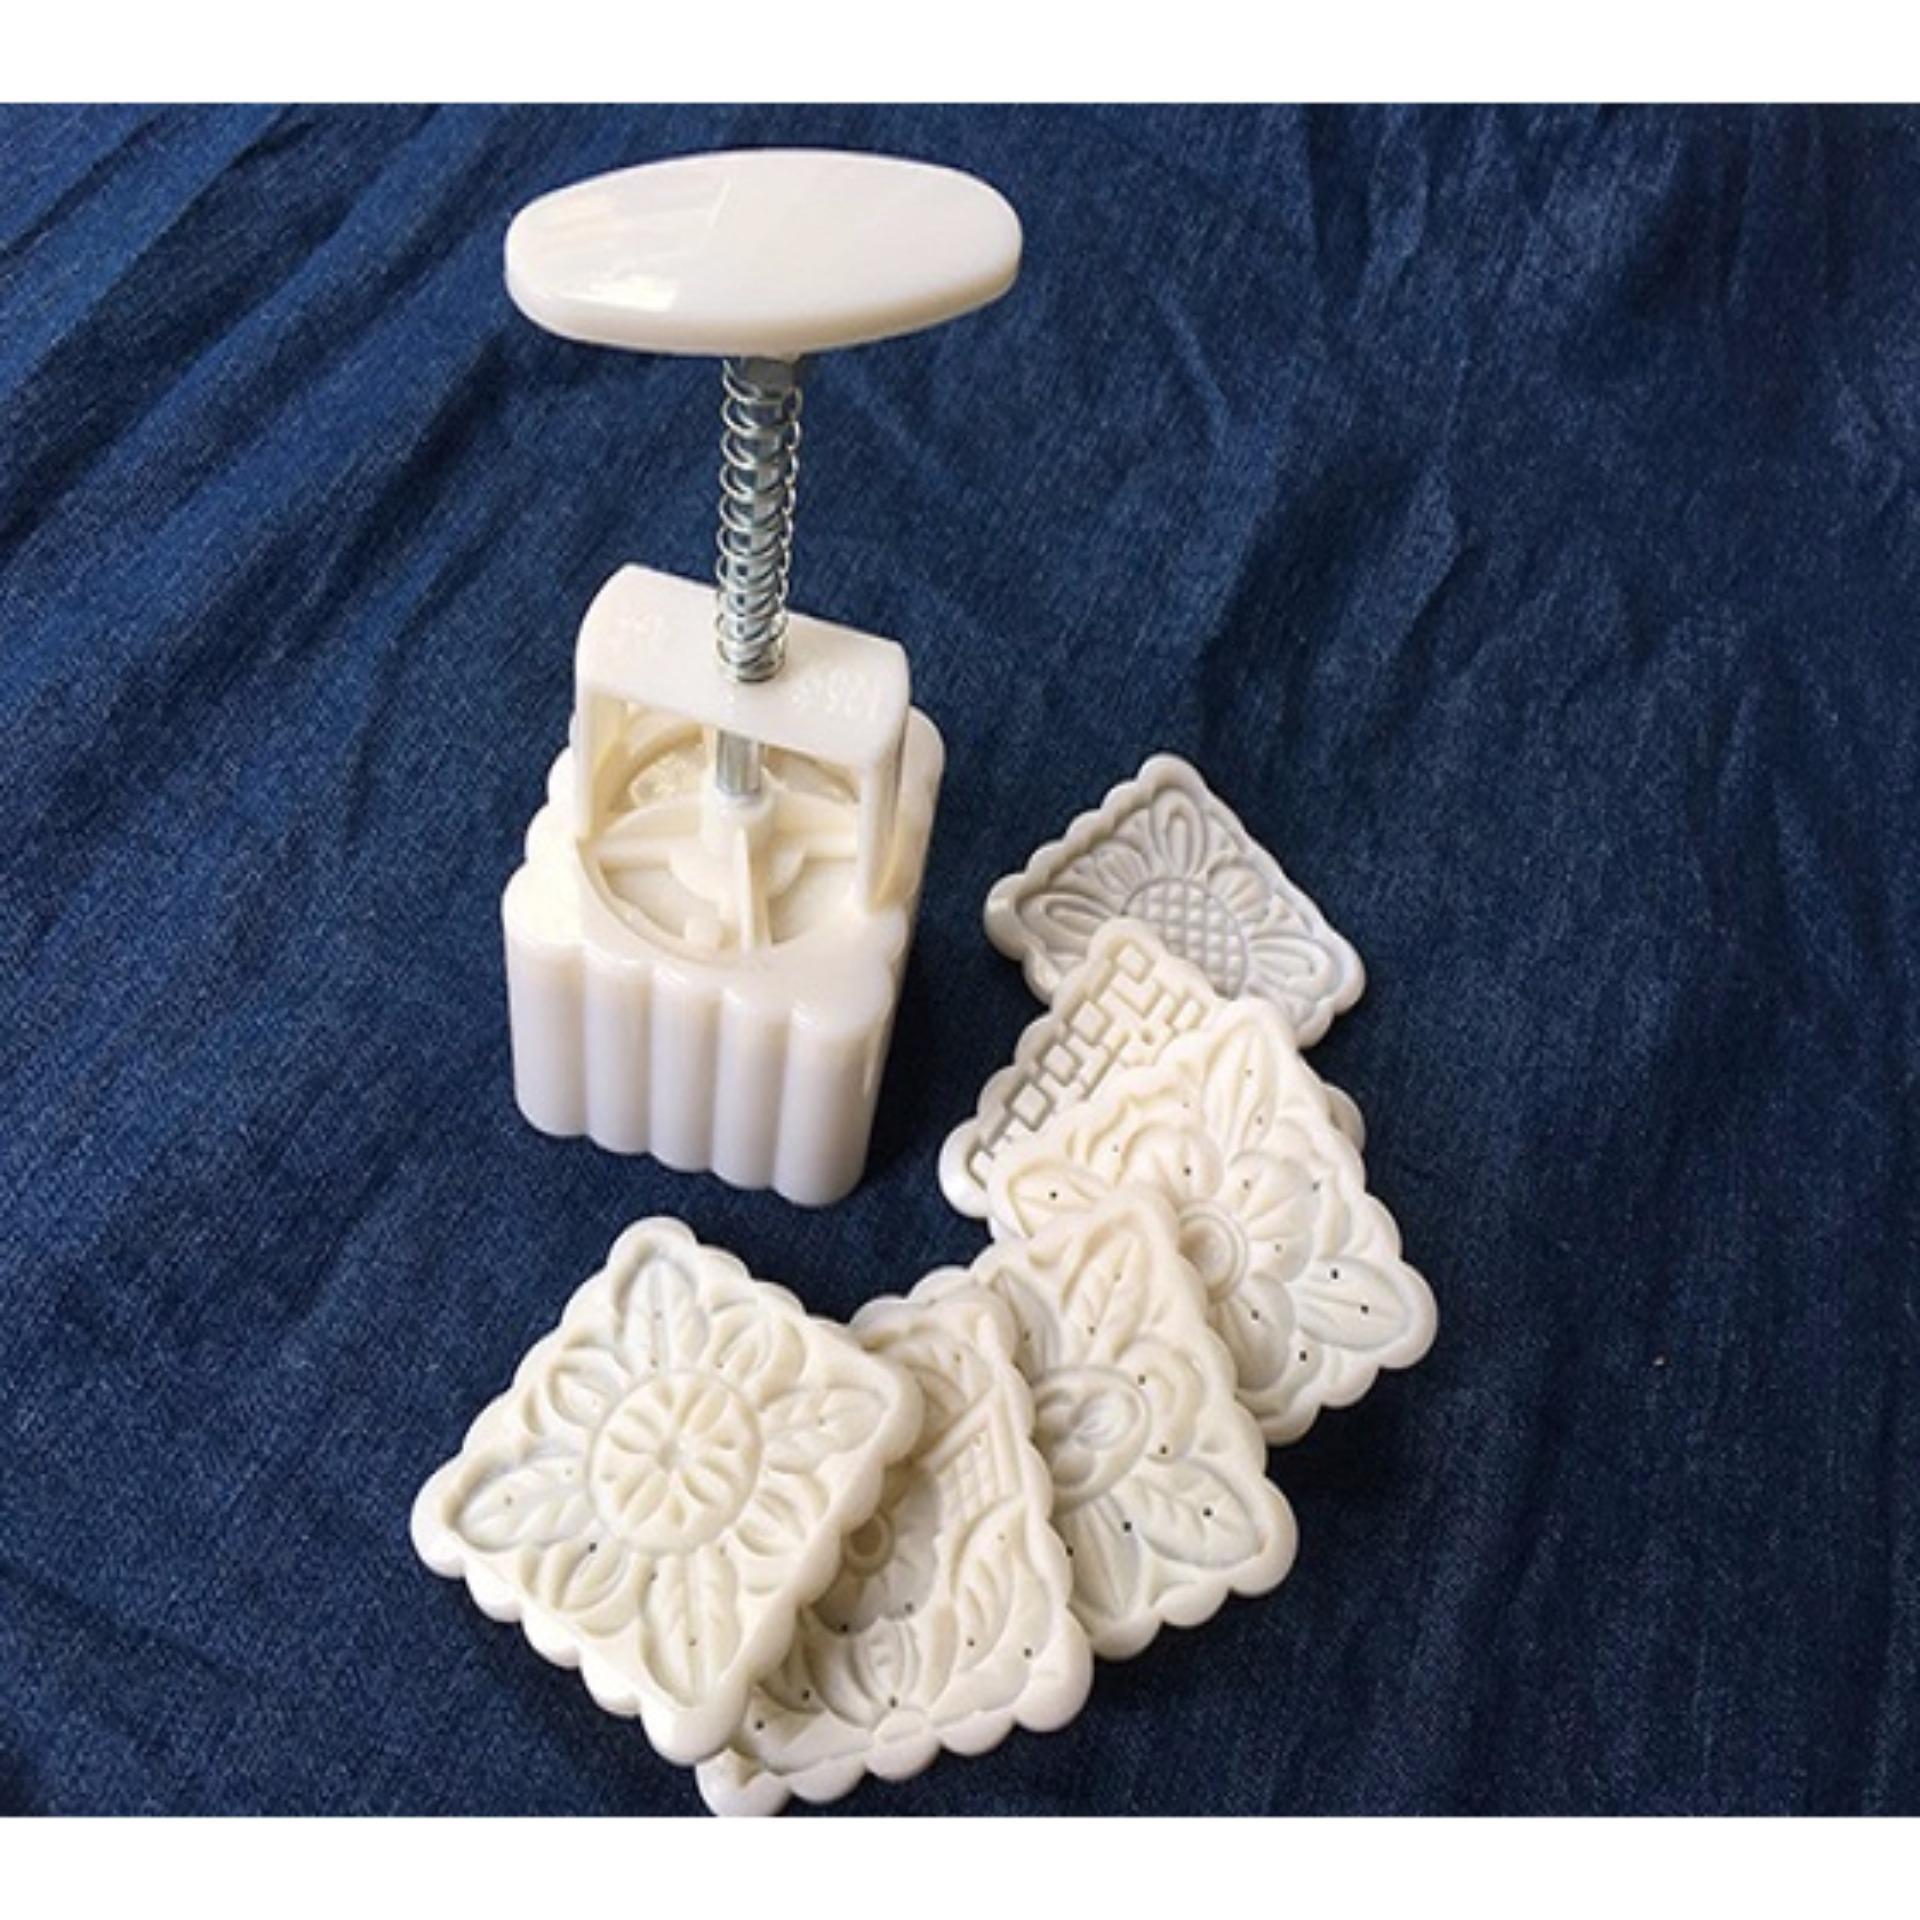 Khuôn nhựa làm bánh trung thu 6 mẫu vuông 100g (Trắng)